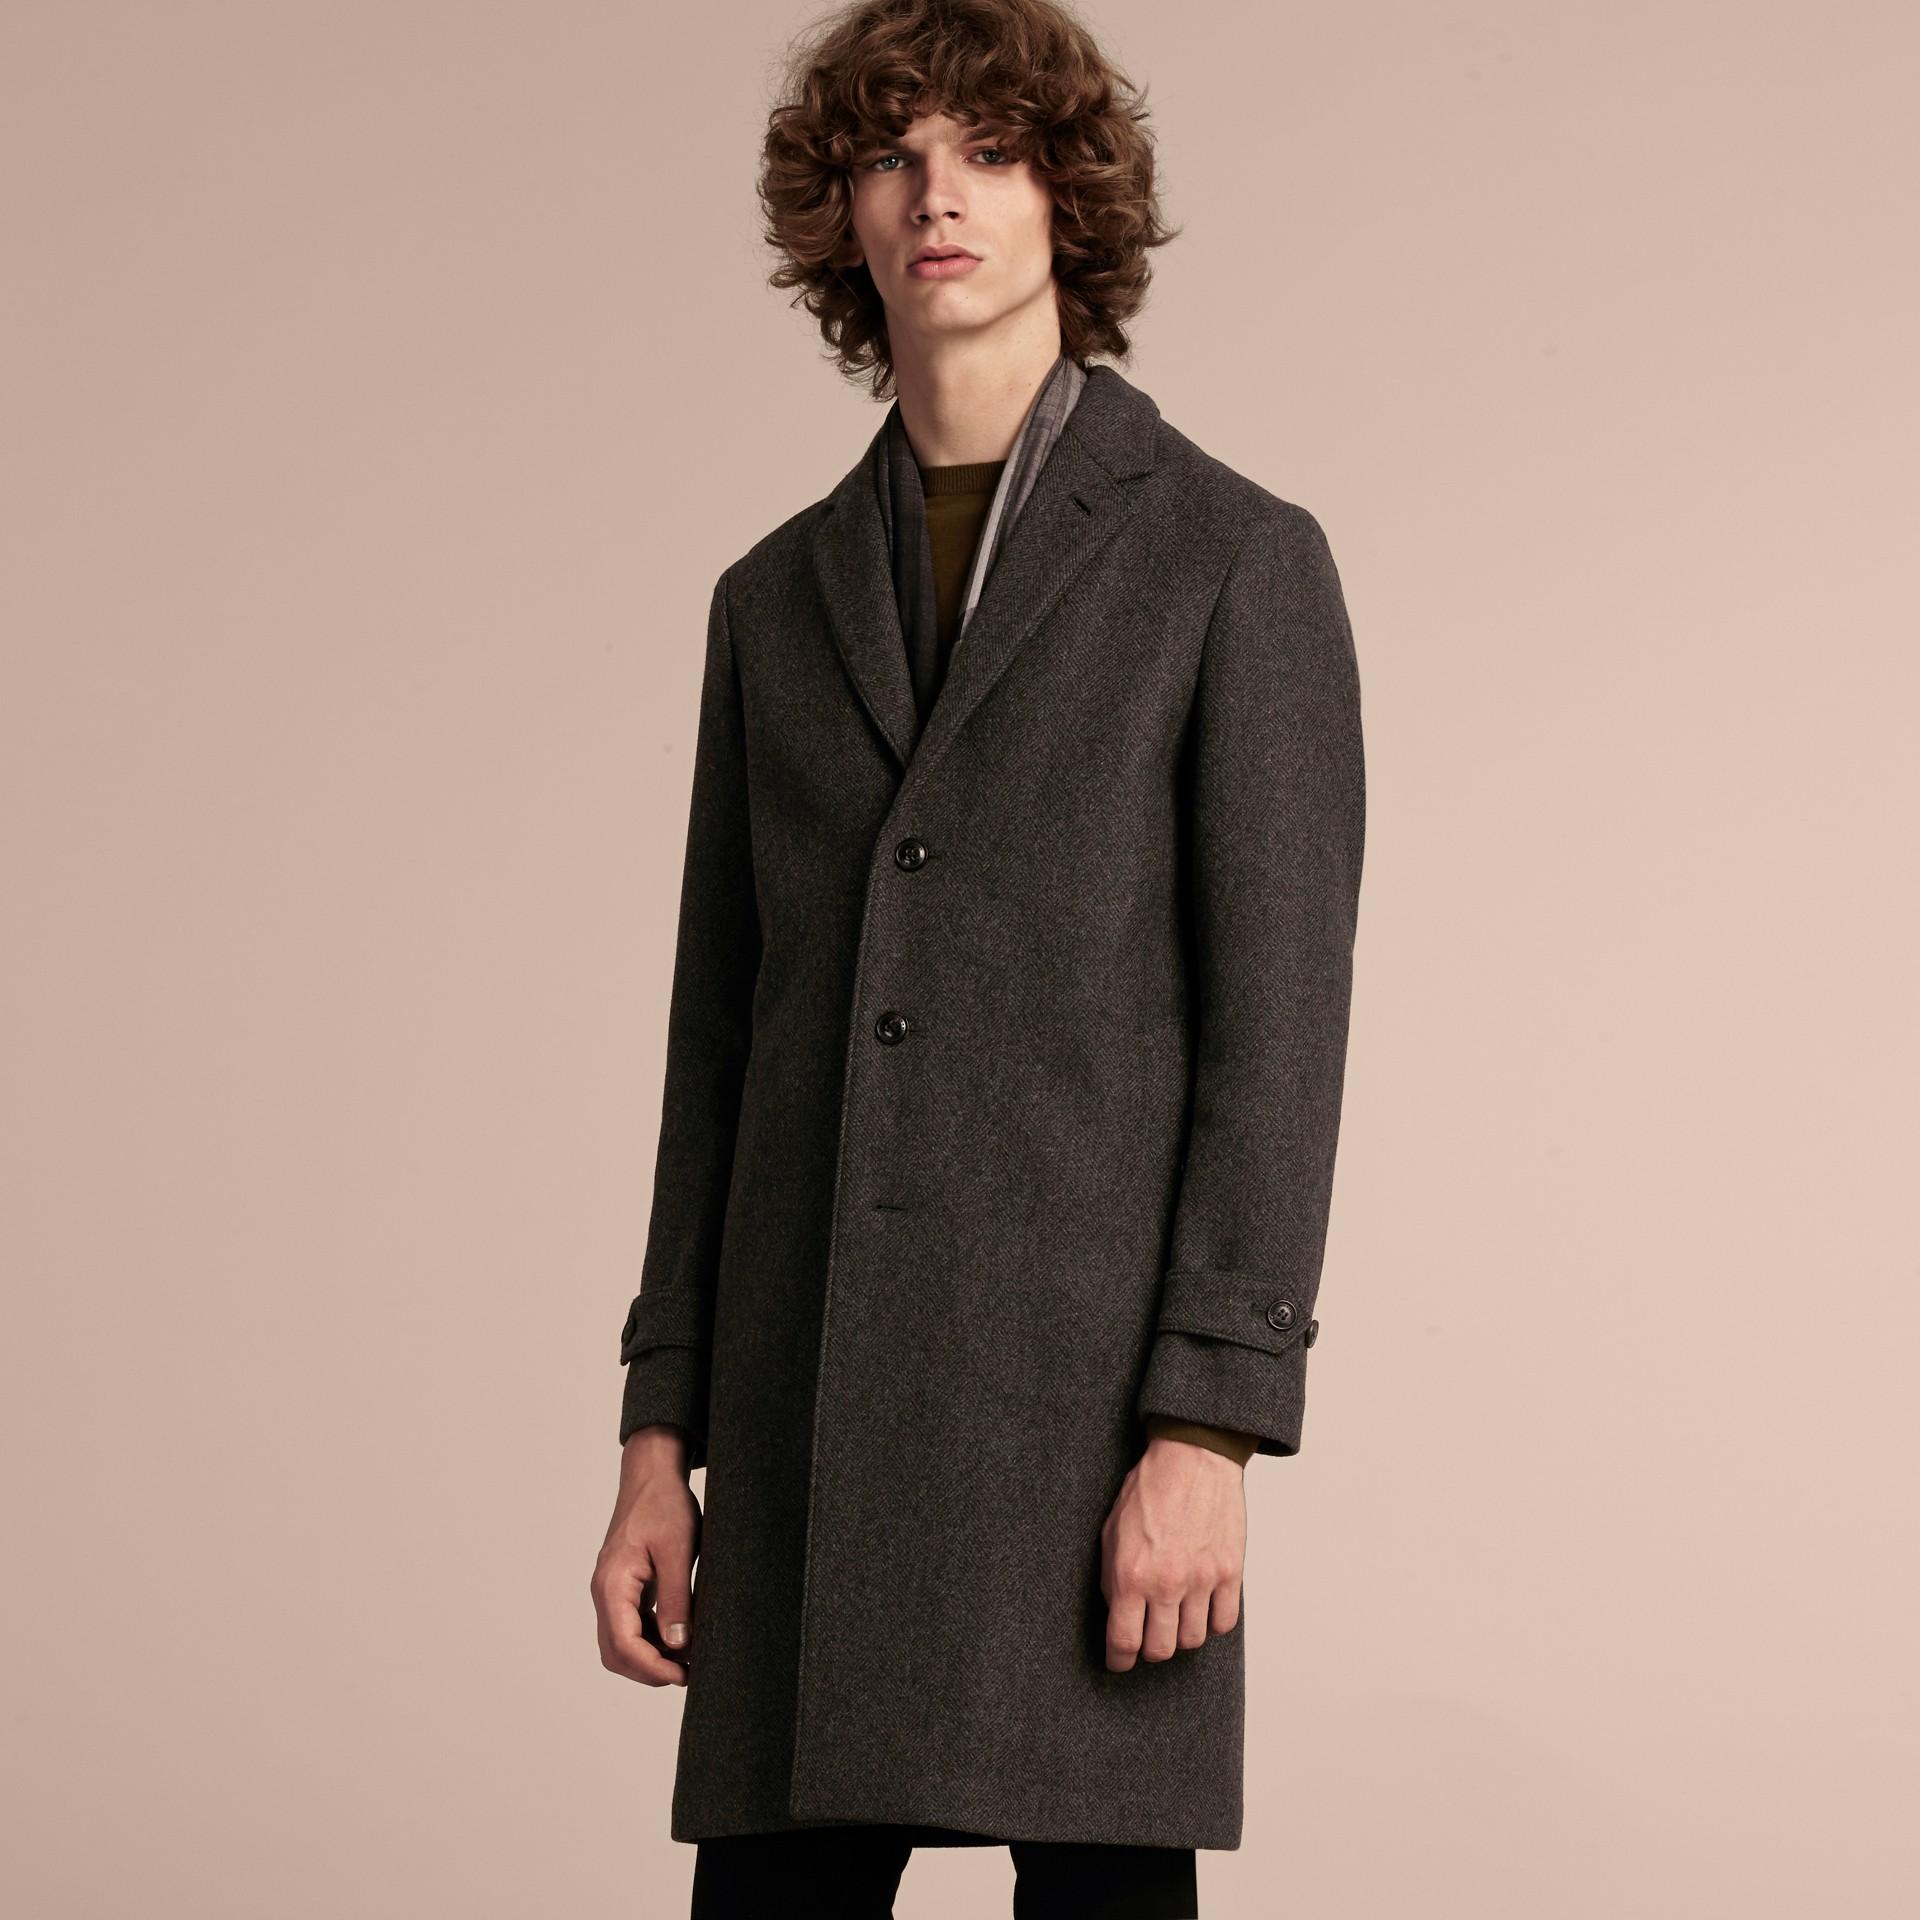 Camaïeu anthracite Manteau ajusté à boutonnage simple en laine mélangée - photo de la galerie 7